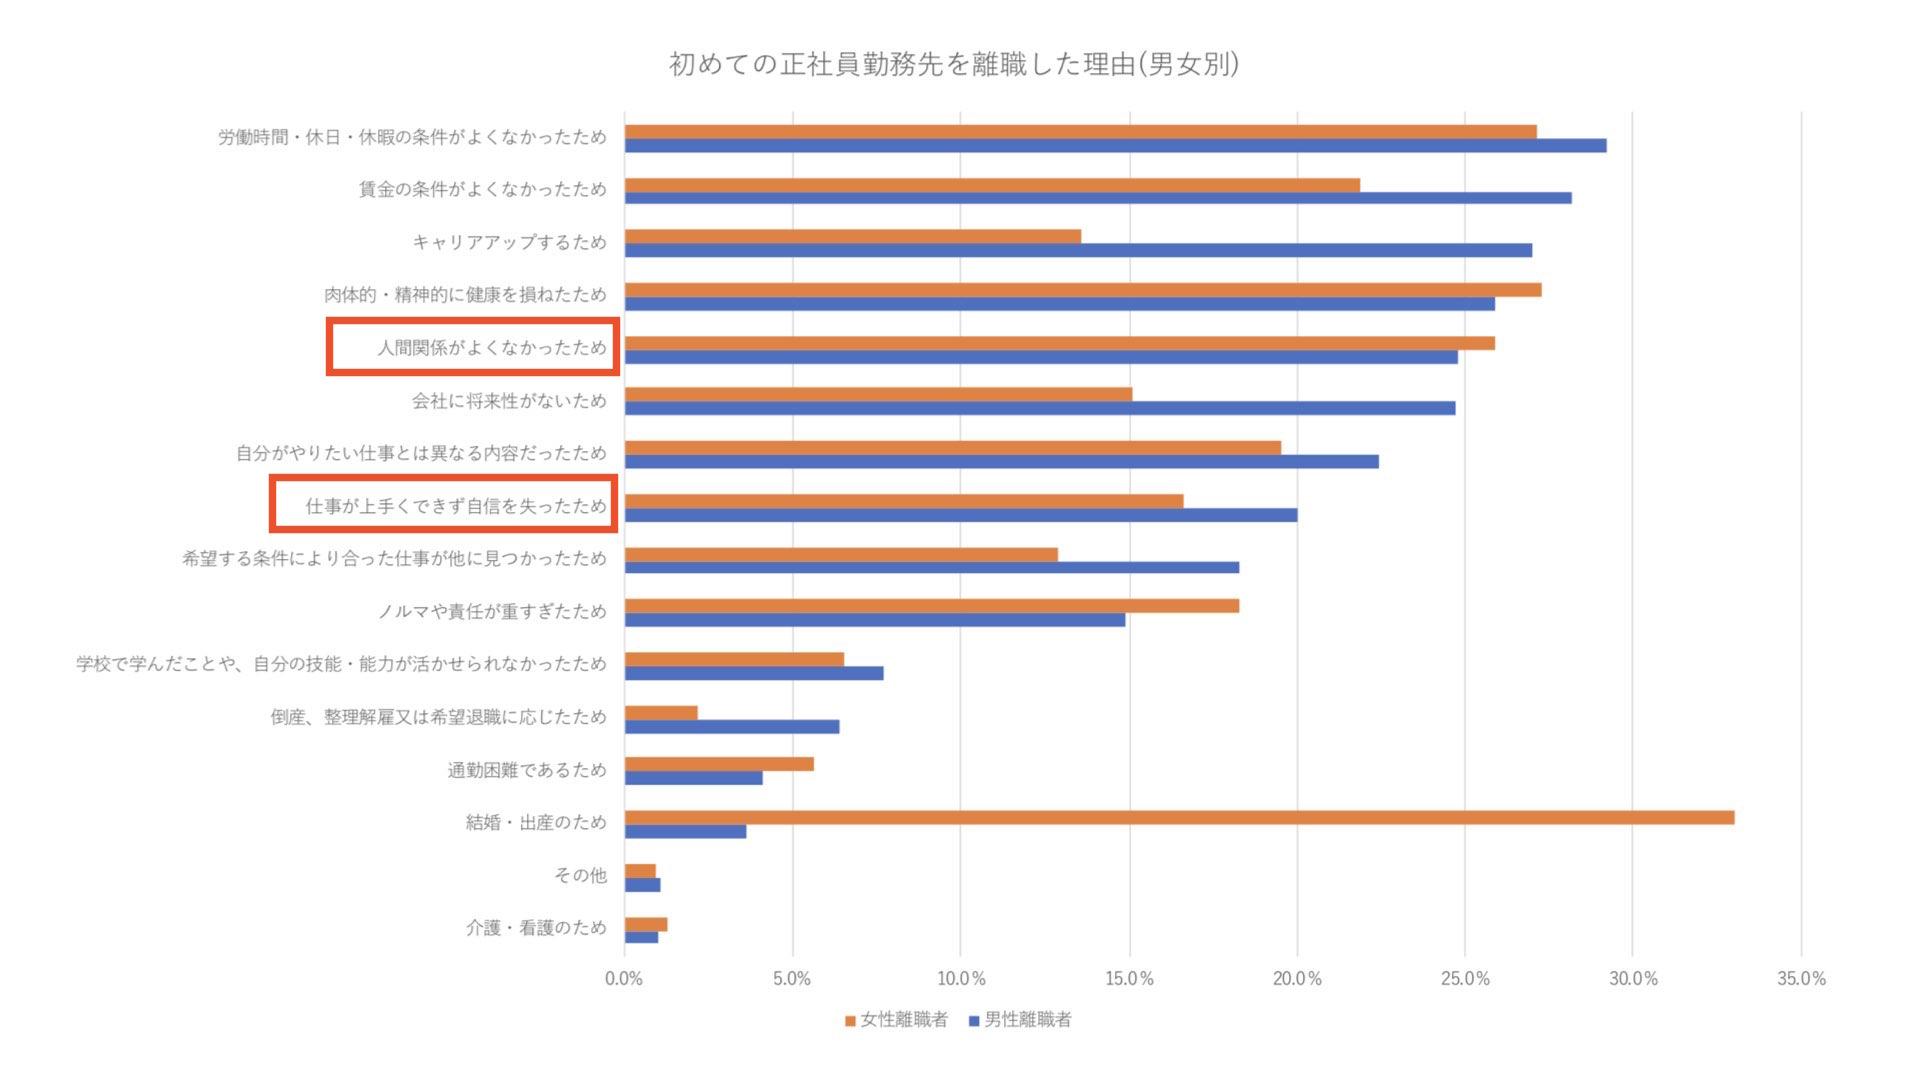 独立行政法人労働政策研究・研修機構の統計データ